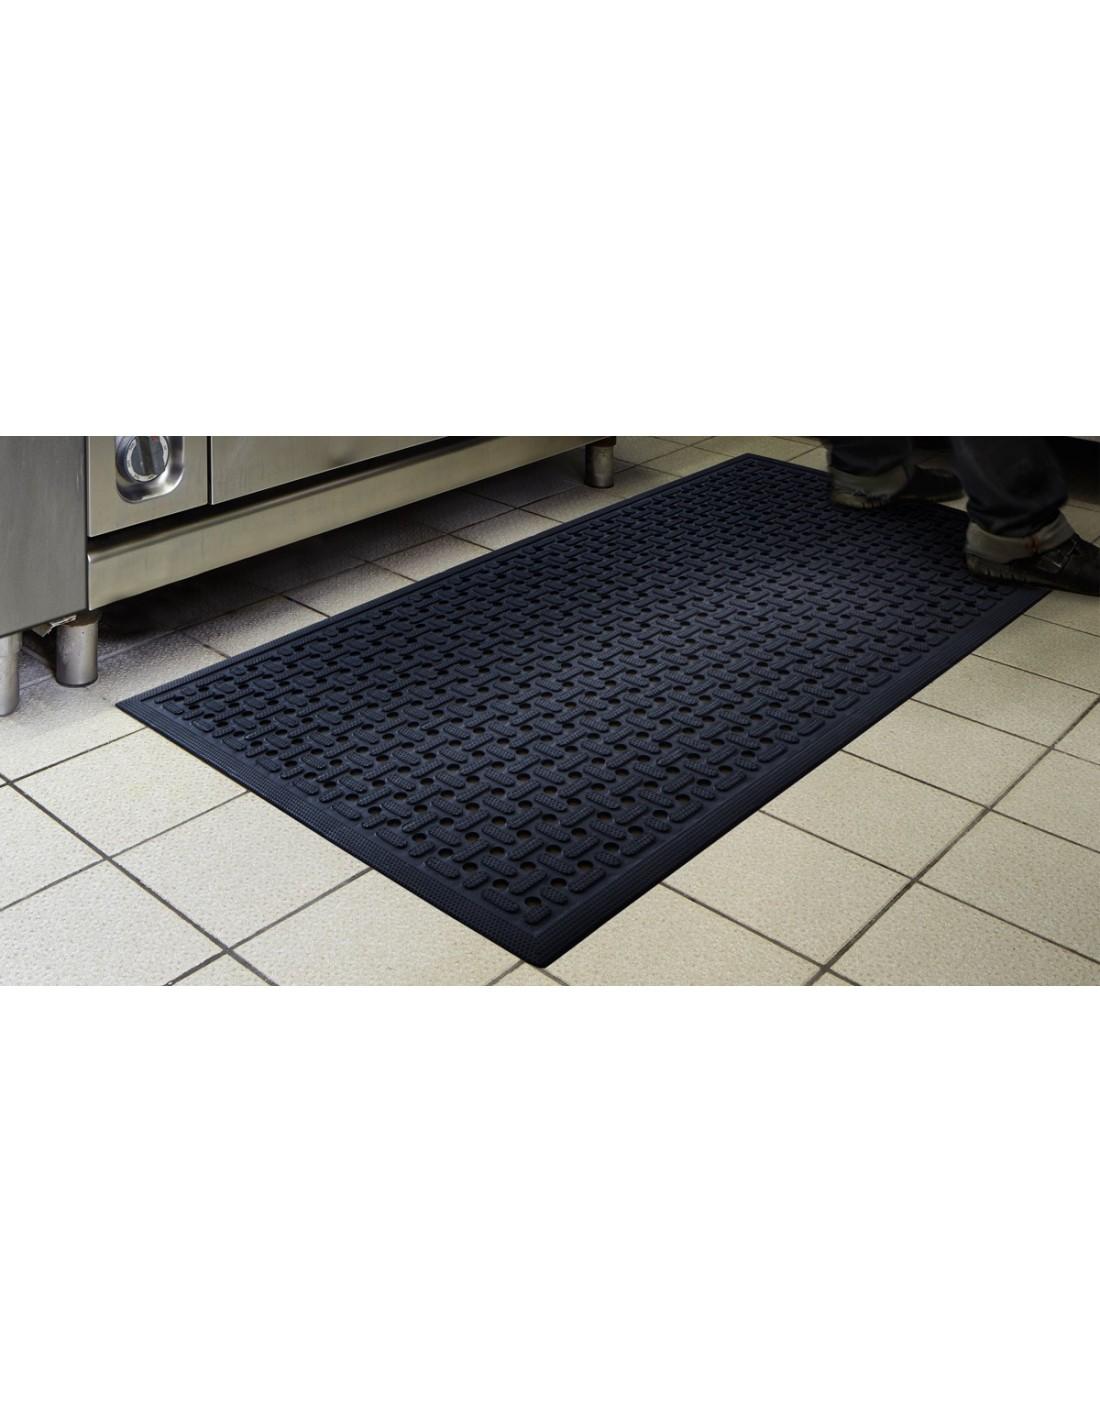 rubber mats matting gymnastic cheap rolls classic outdoor